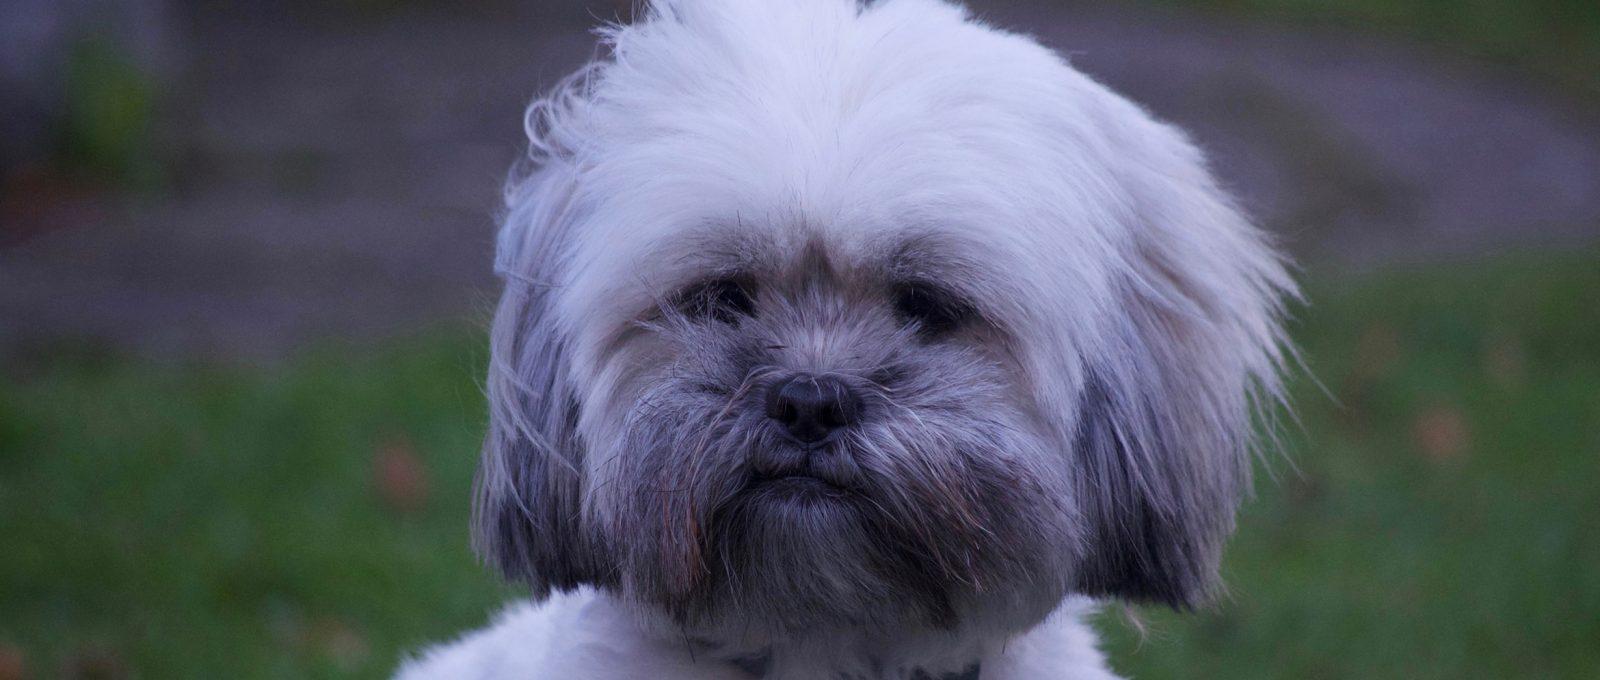 Lhasa Apso dog staring